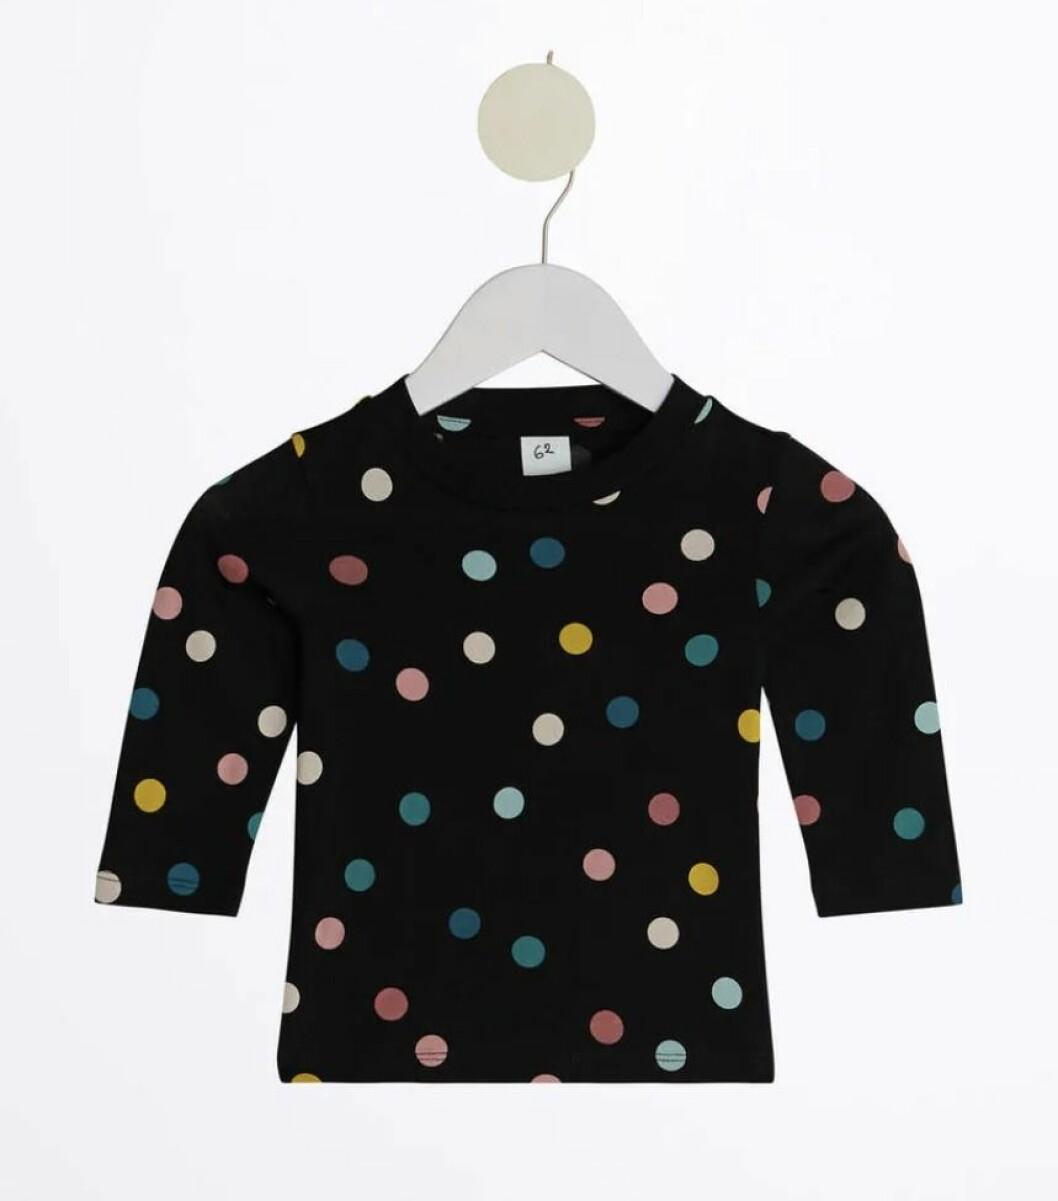 Svart långärmad tröja med prickar